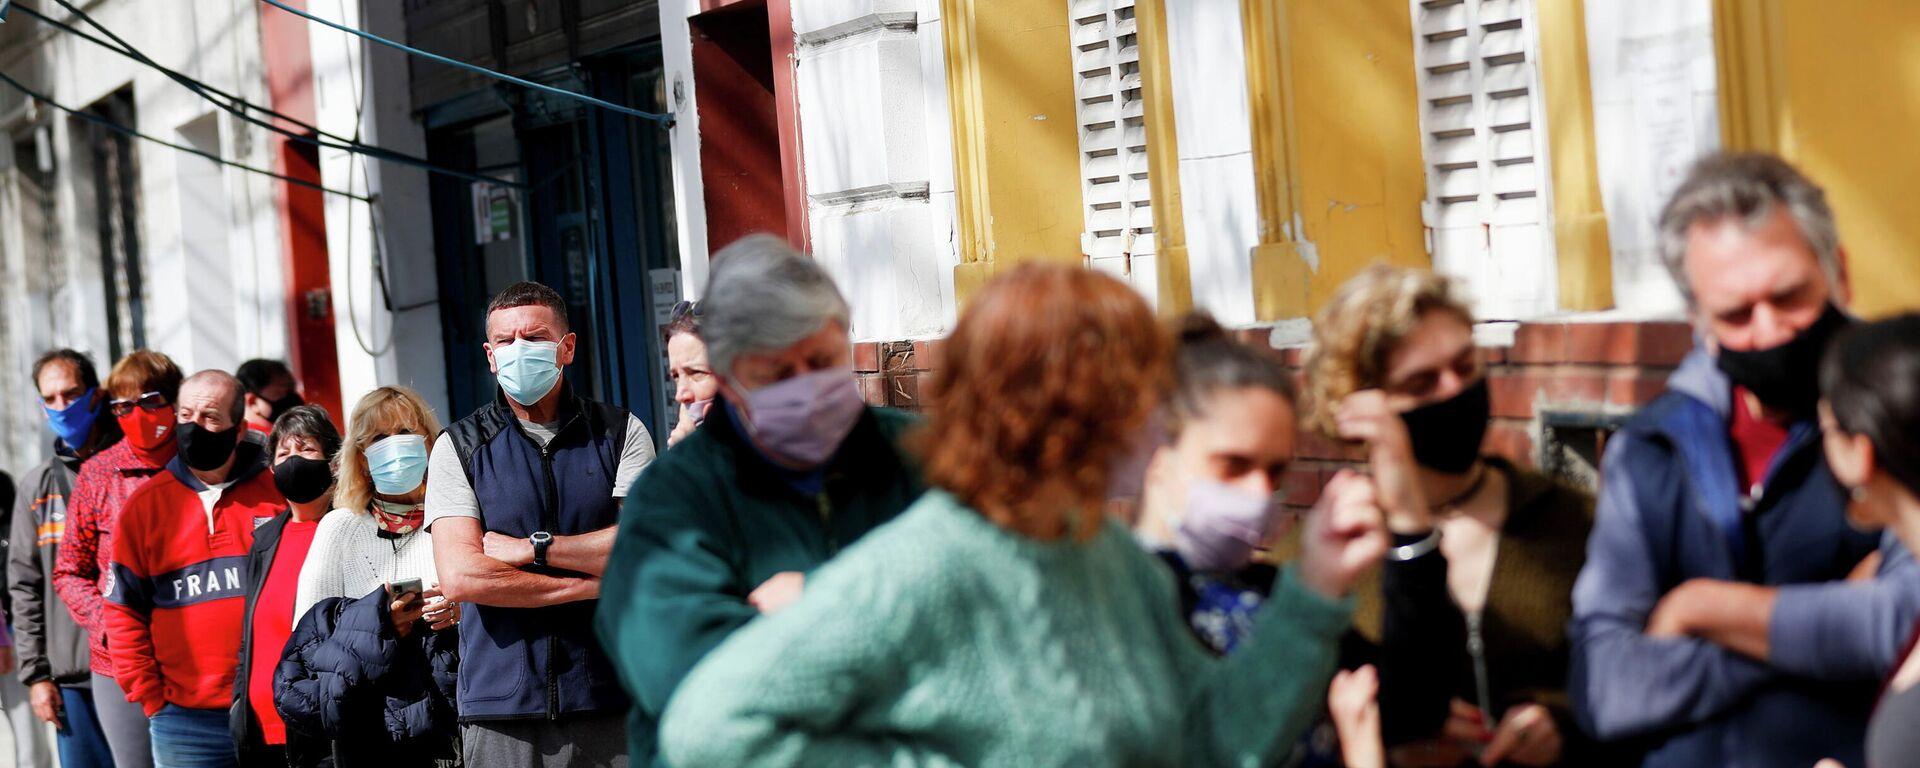 Argentinos votan en las elecciones legislativas primarias en Buenos Aires, el 12 de septiembre del 2021 - Sputnik Mundo, 1920, 12.09.2021